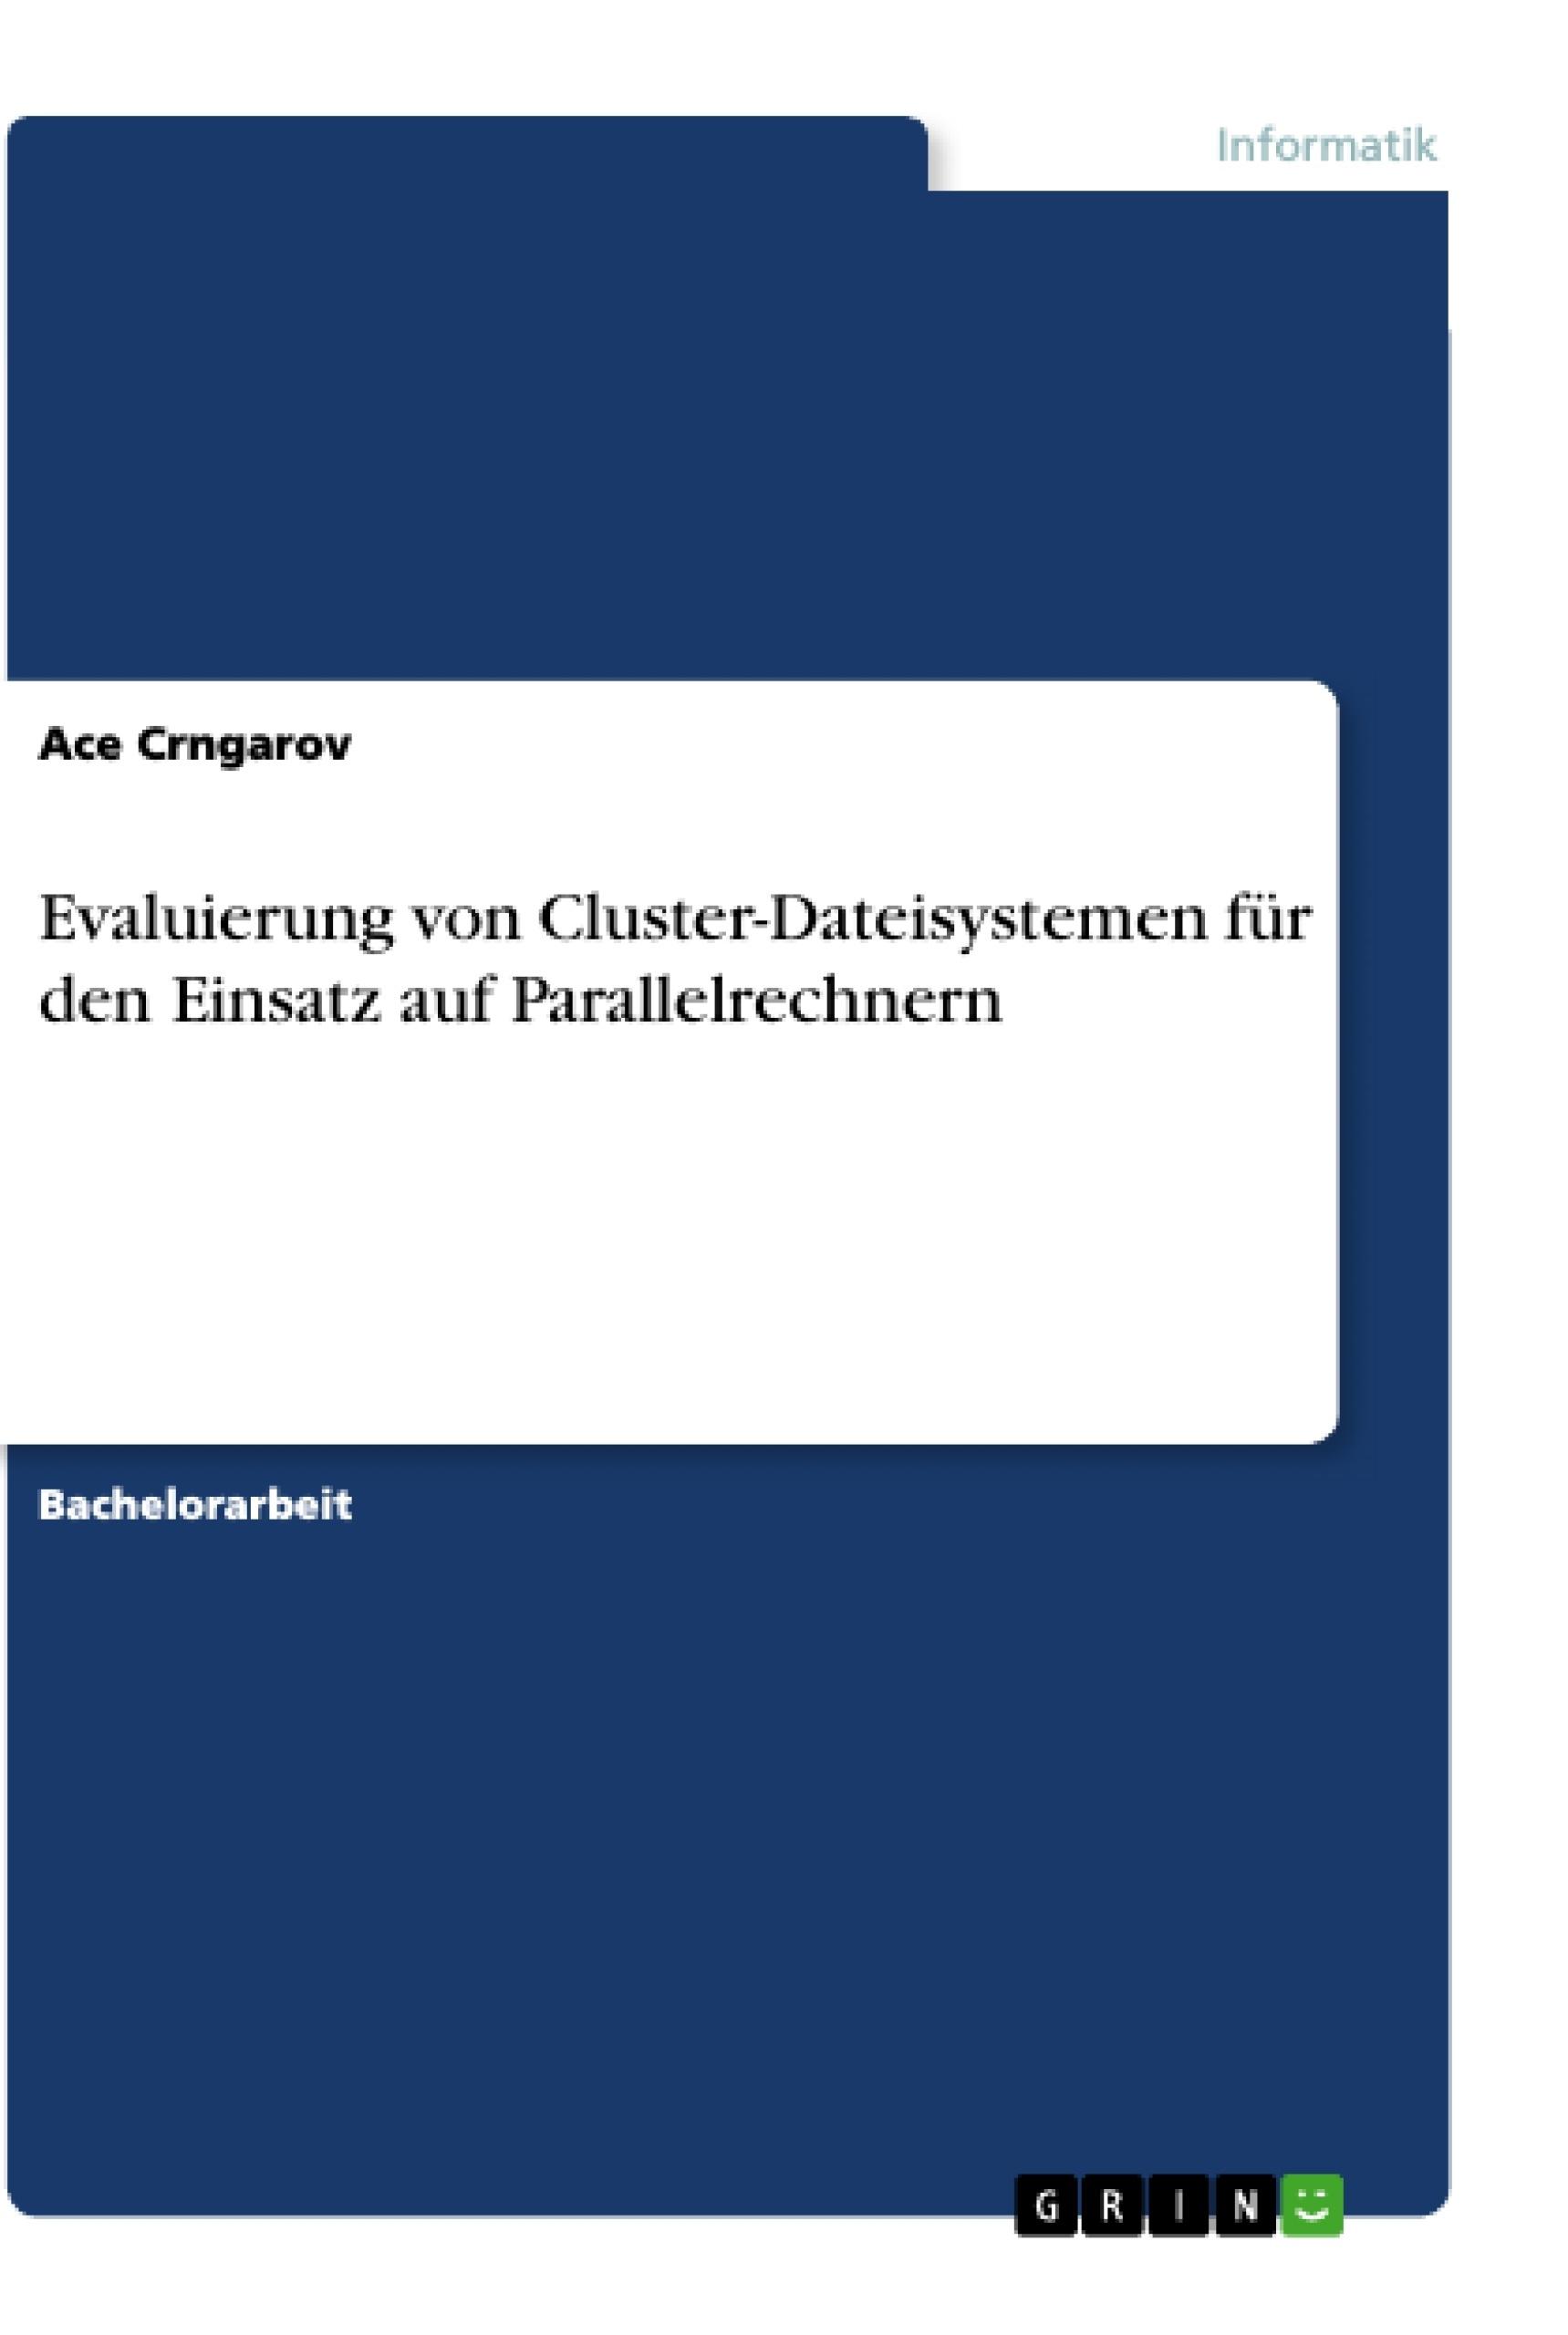 Titel: Evaluierung von Cluster-Dateisystemen für den Einsatz auf Parallelrechnern